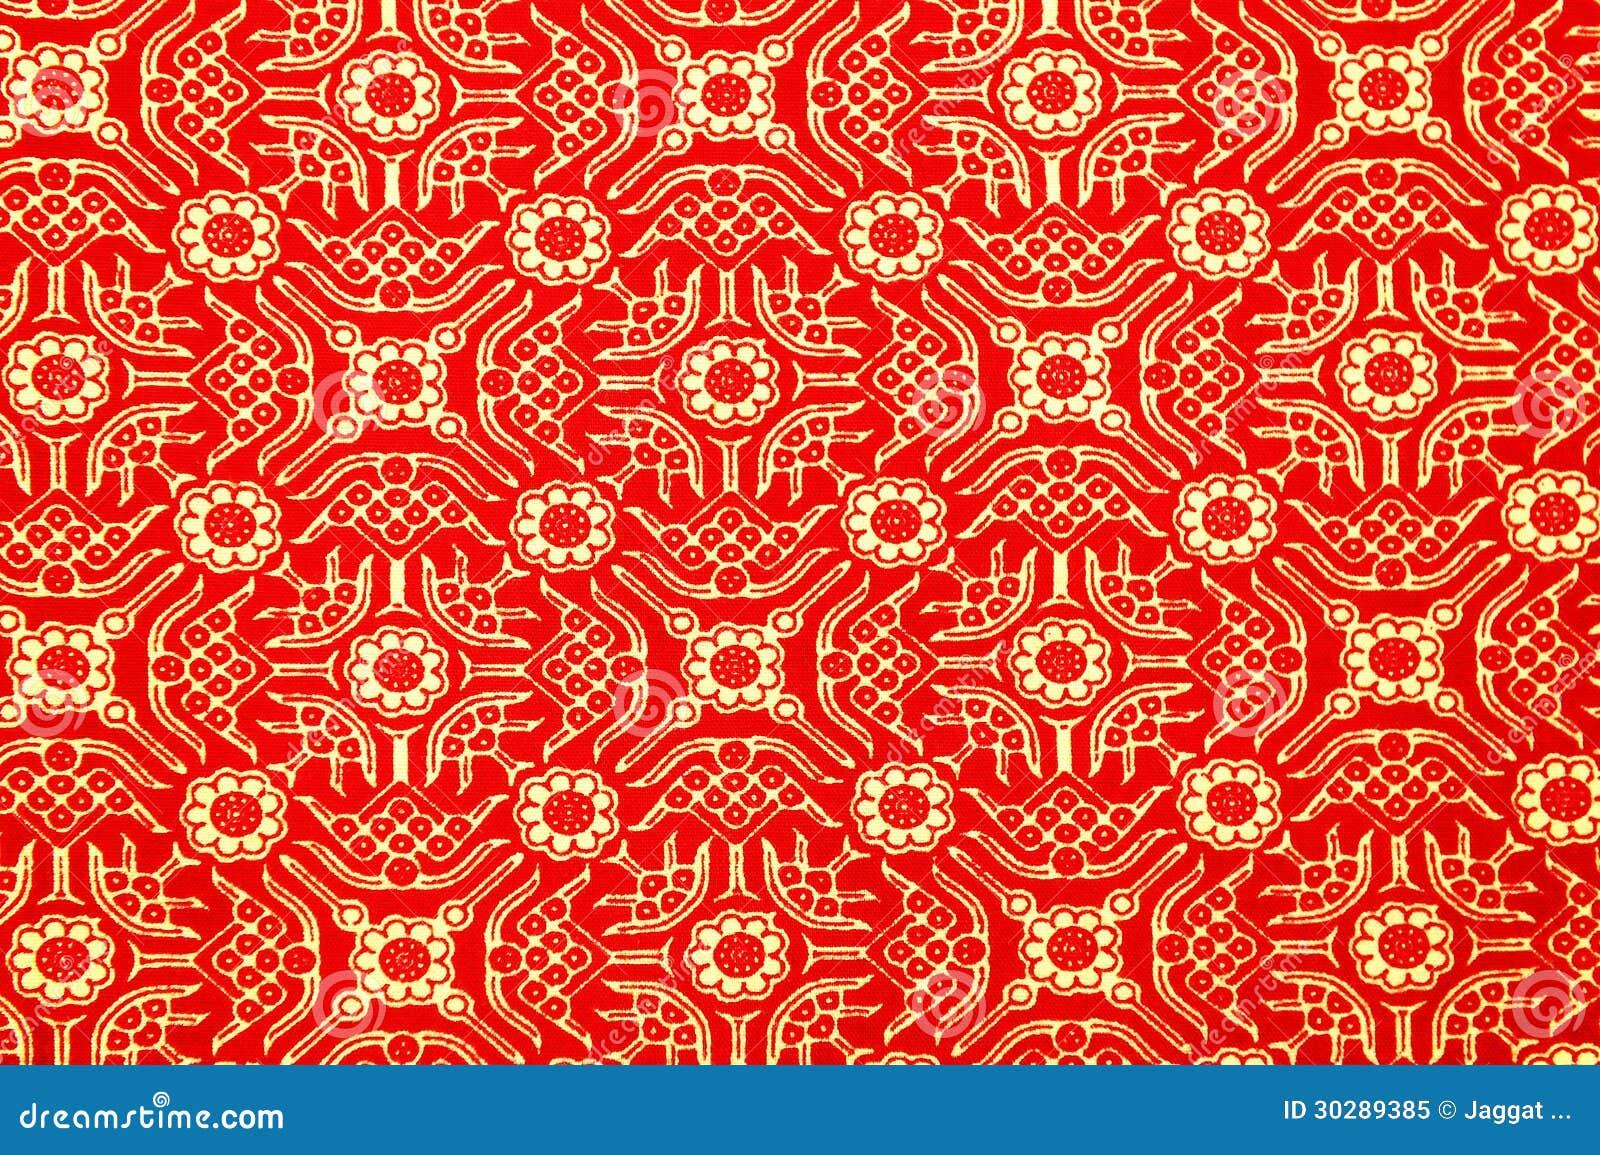 Παραδοσιακό σχέδιο σαρόγκ μπατίκ